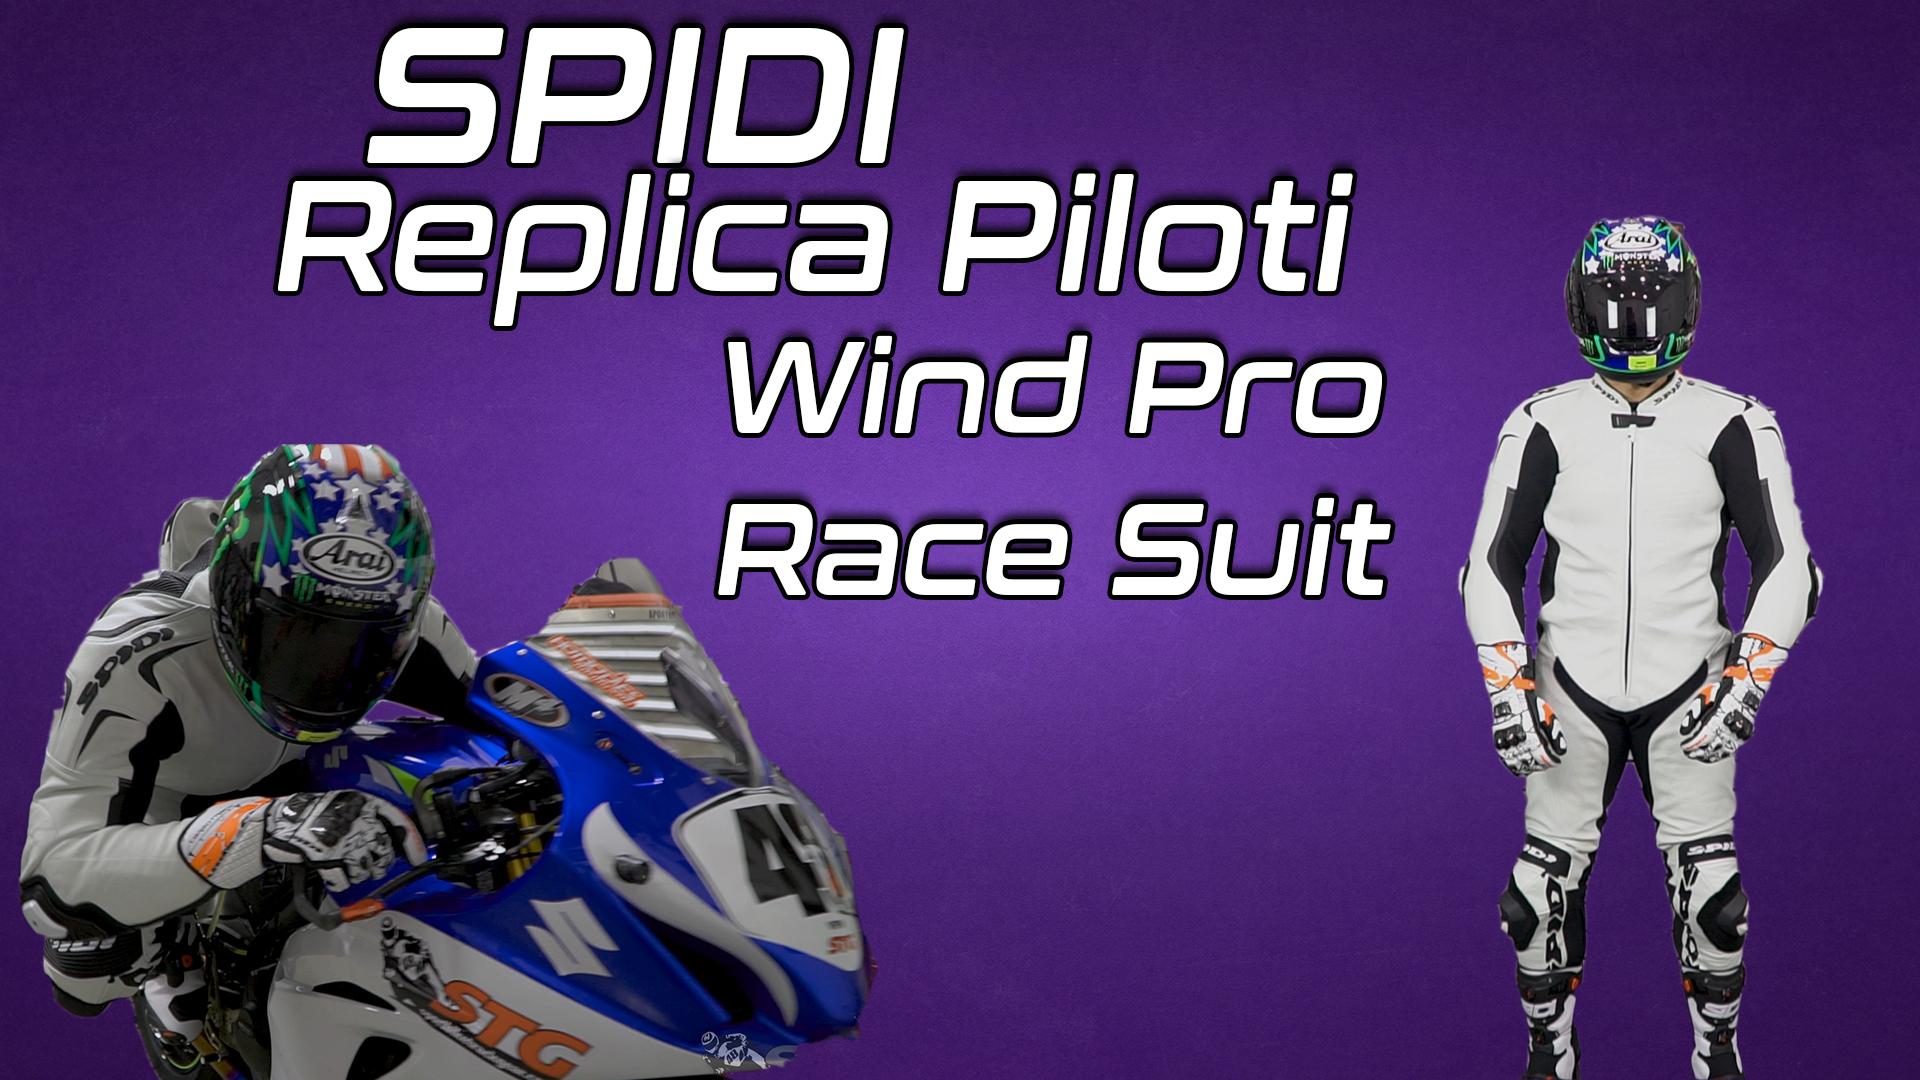 Spidi Replica Piloti Wind Pro Race Suit